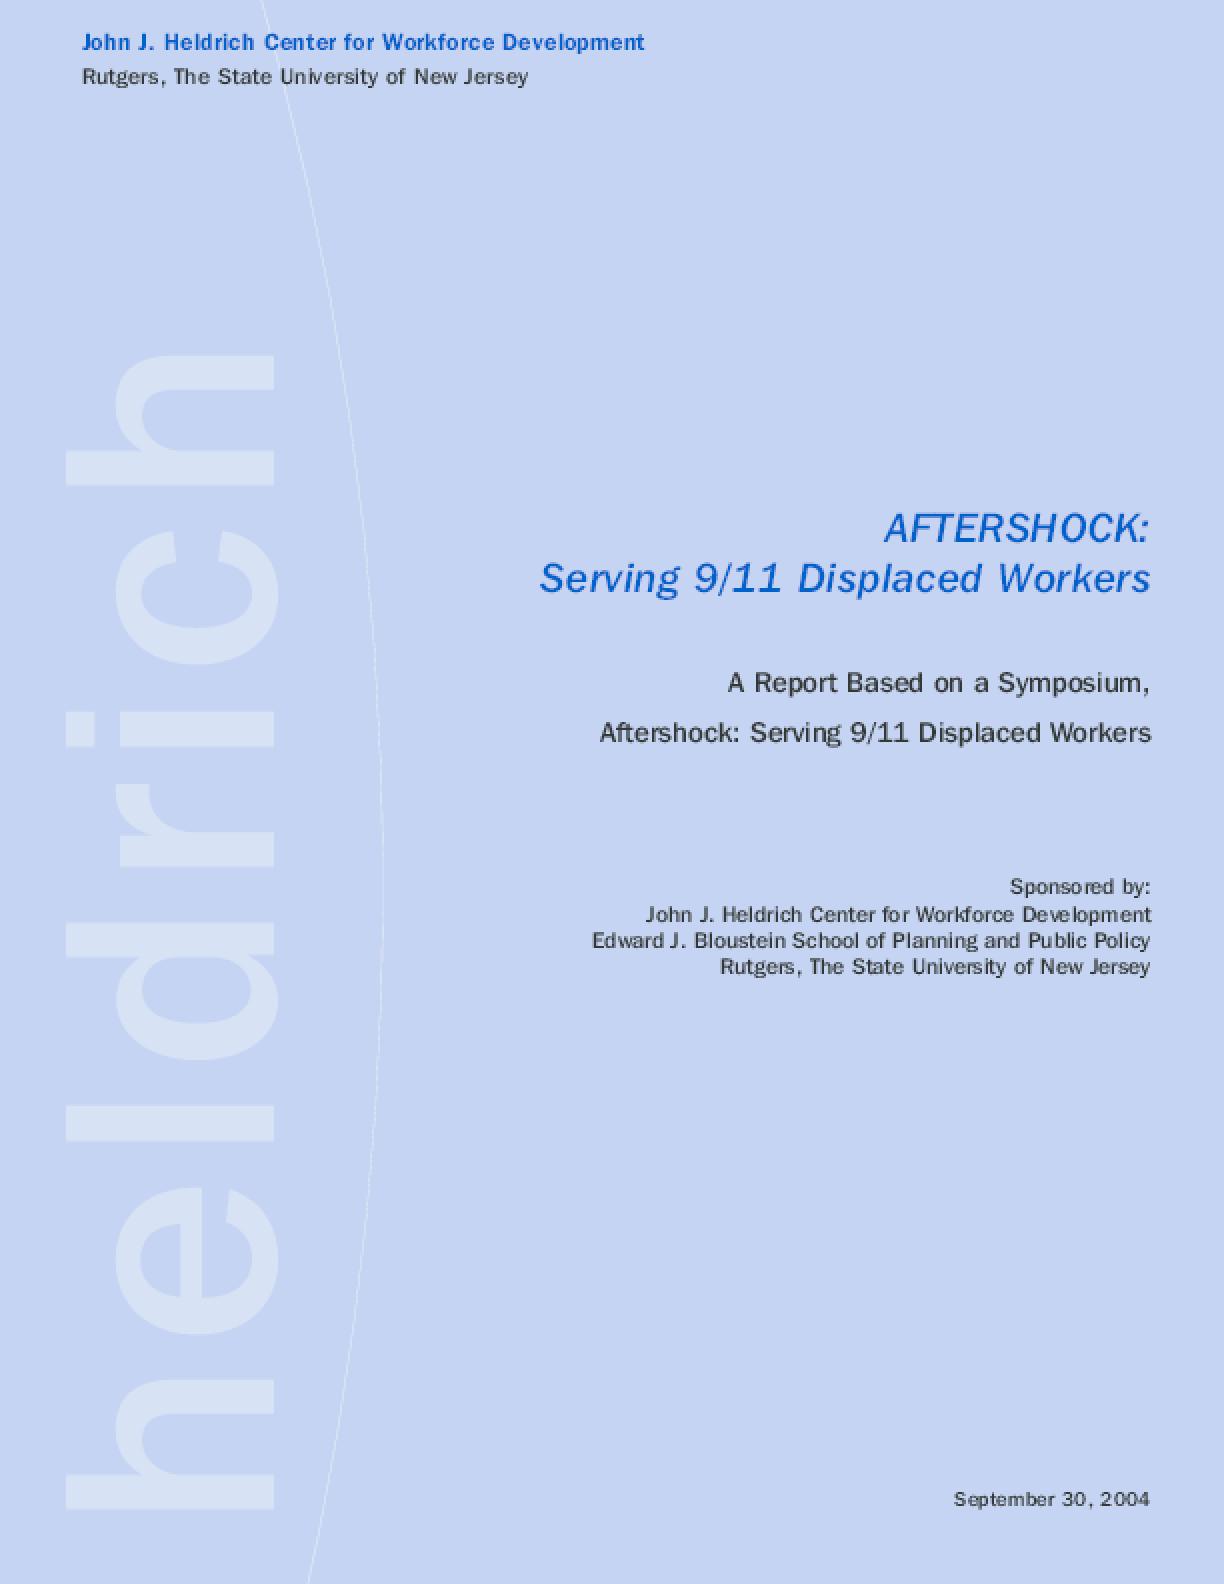 Aftershock: Serving 9/11 Displaced Workers